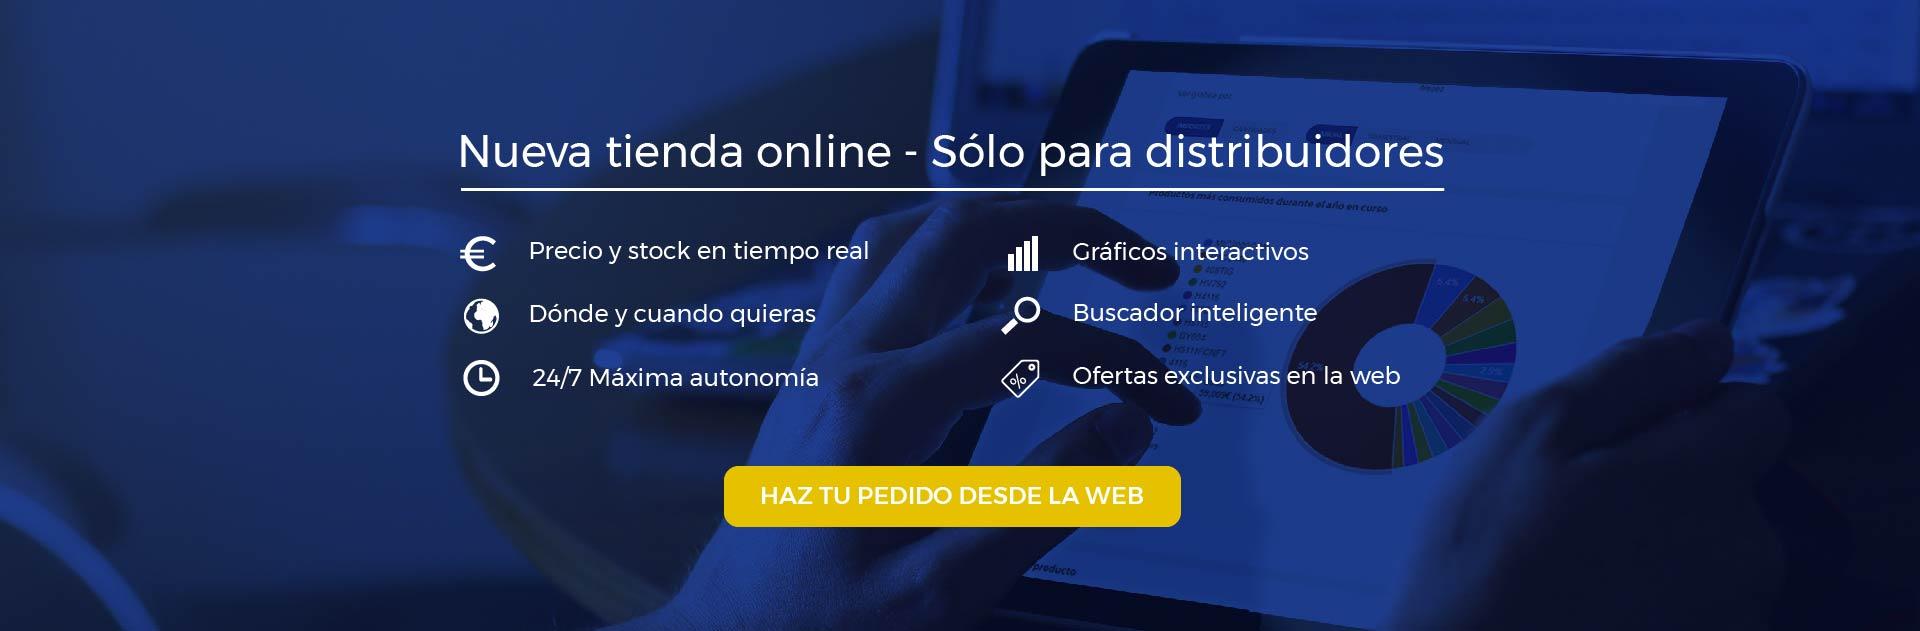 Nueva tienda online - Sólo para distribuidores